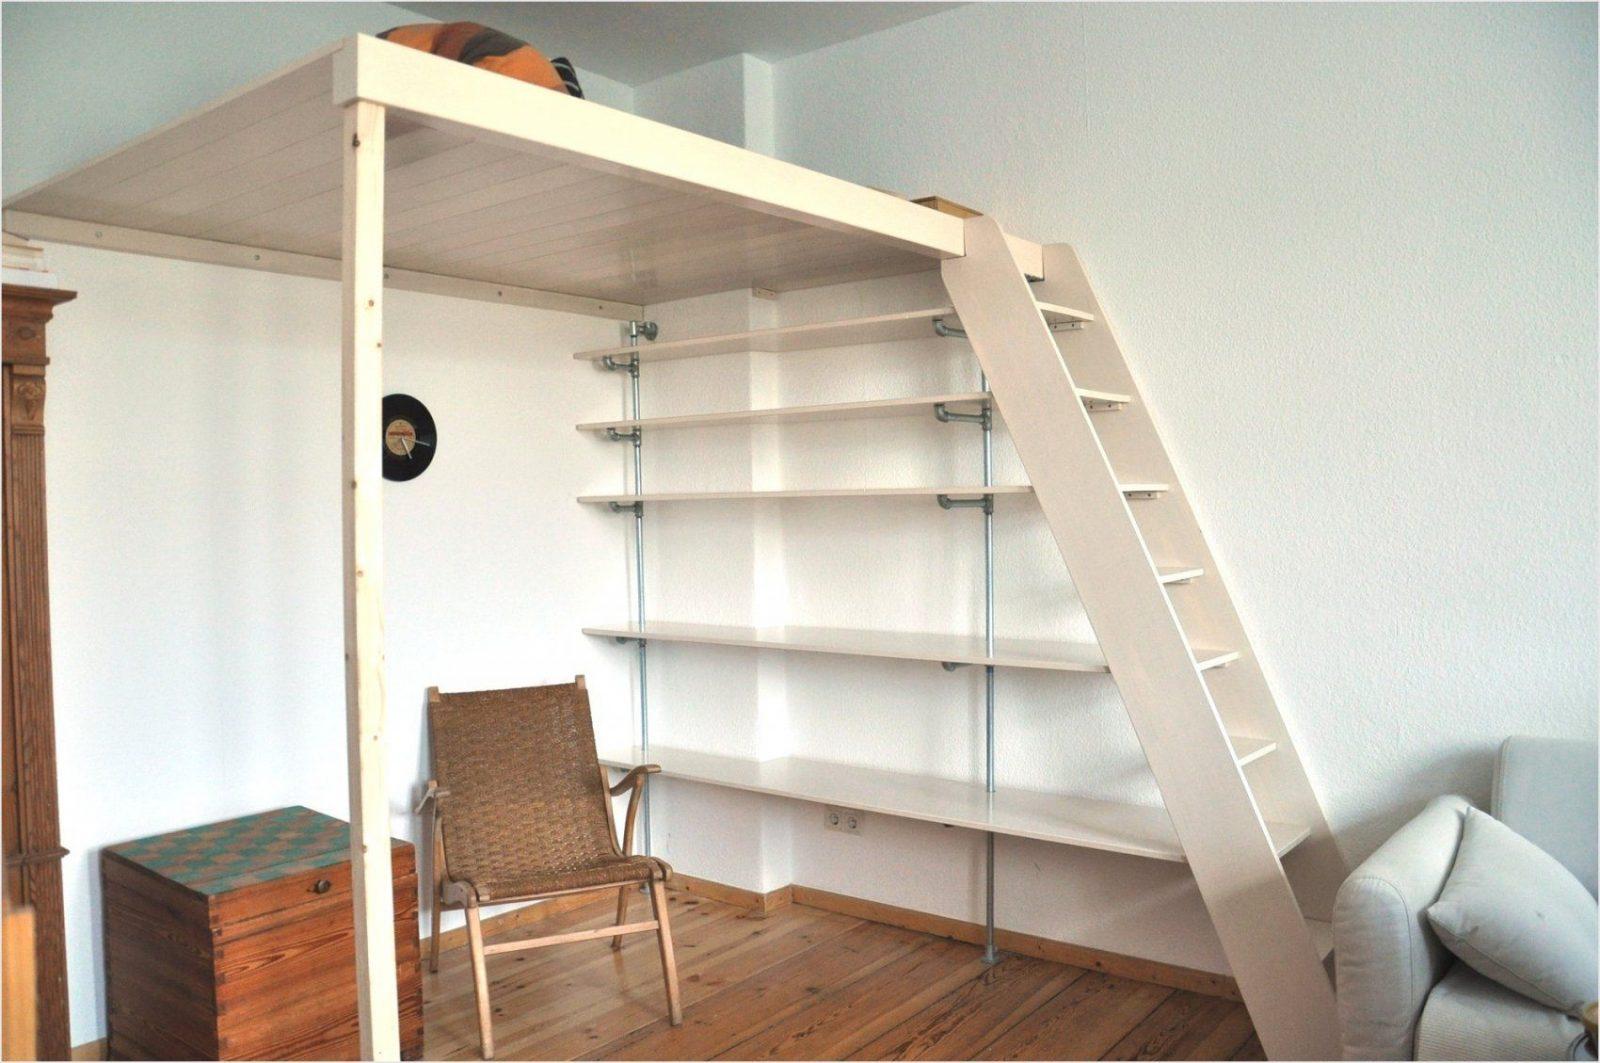 Faszinierend Stilvoll Hochbett Zum Hochbett Selbst Gebaut Avec von Leiter Für Hochbett Selber Bauen Photo